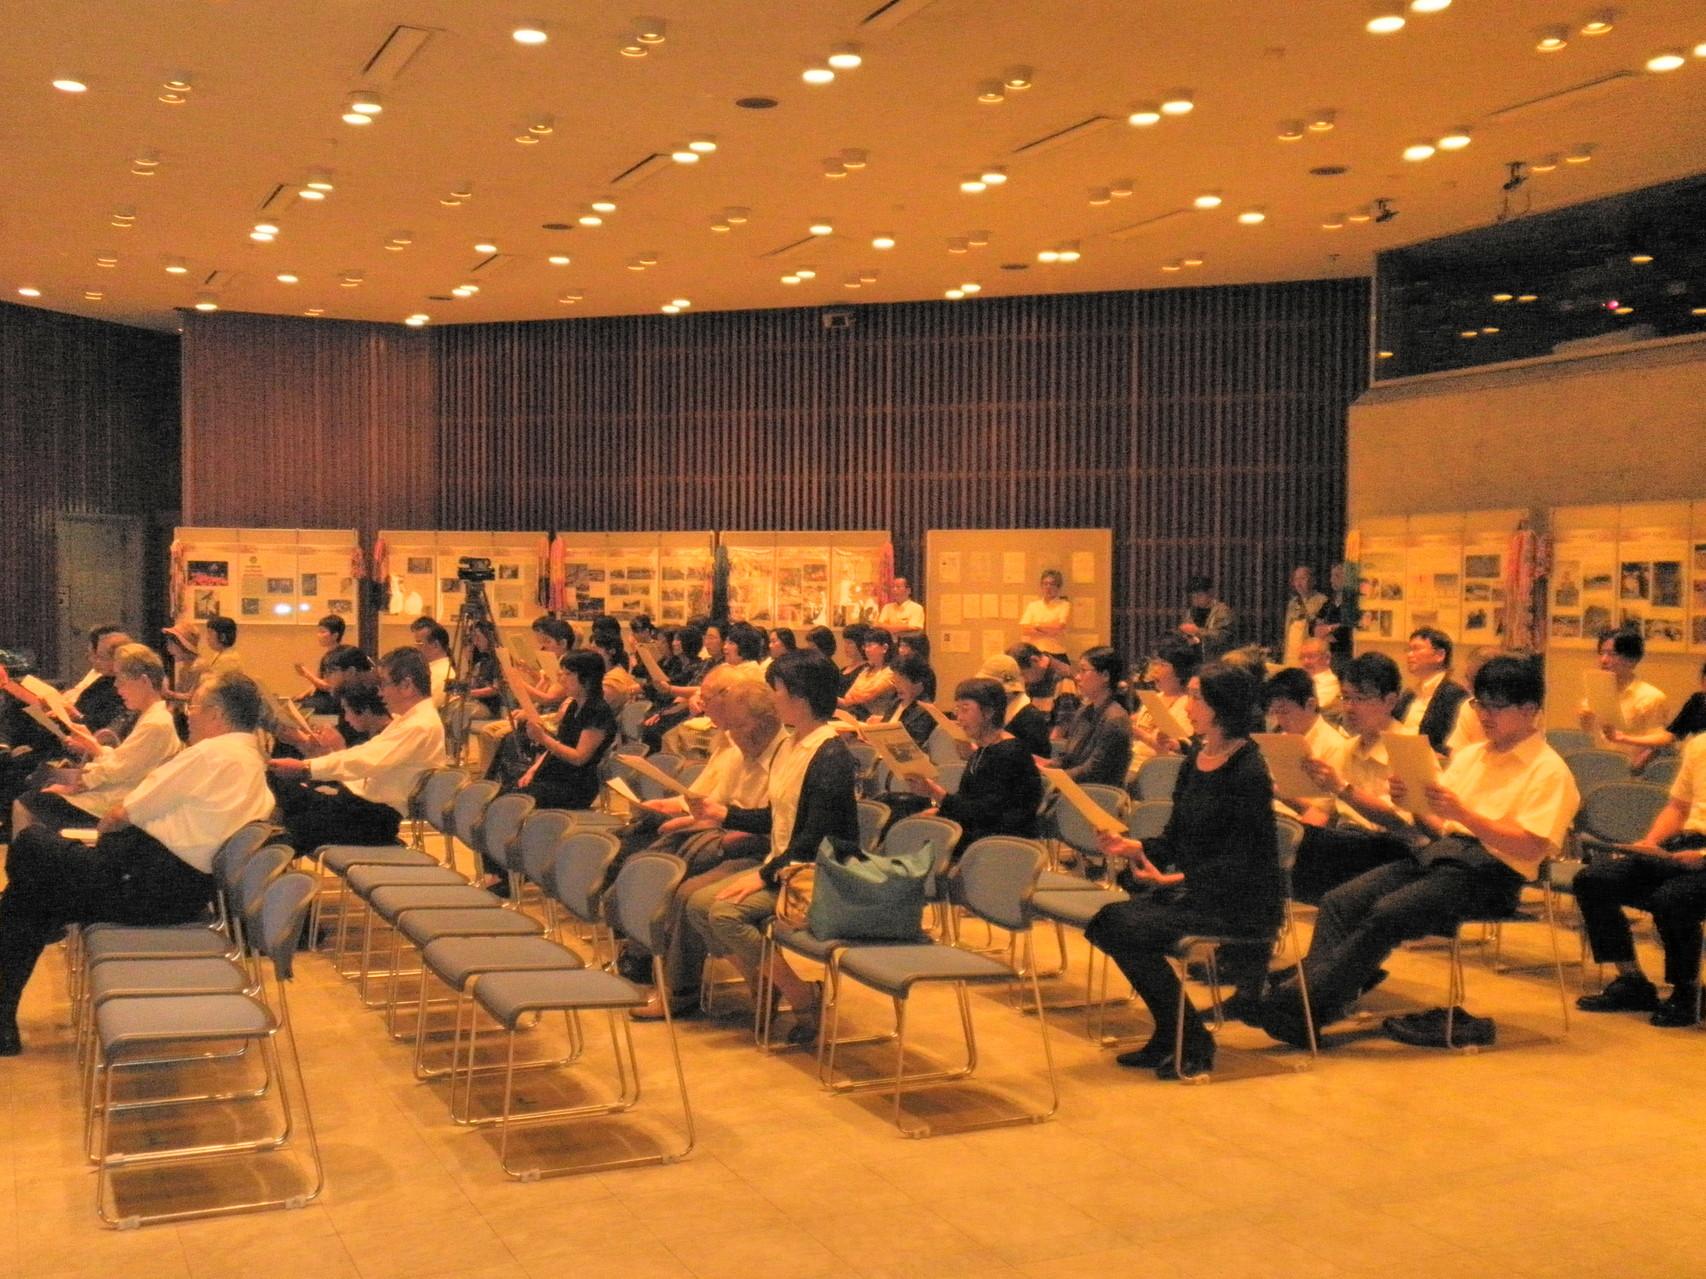 会場全員で 「ひろしま平和の歌」 ソリスト 大島 久美子さんと一緒に熱唱 (ピアノ伴奏:森須 奏絵さん)